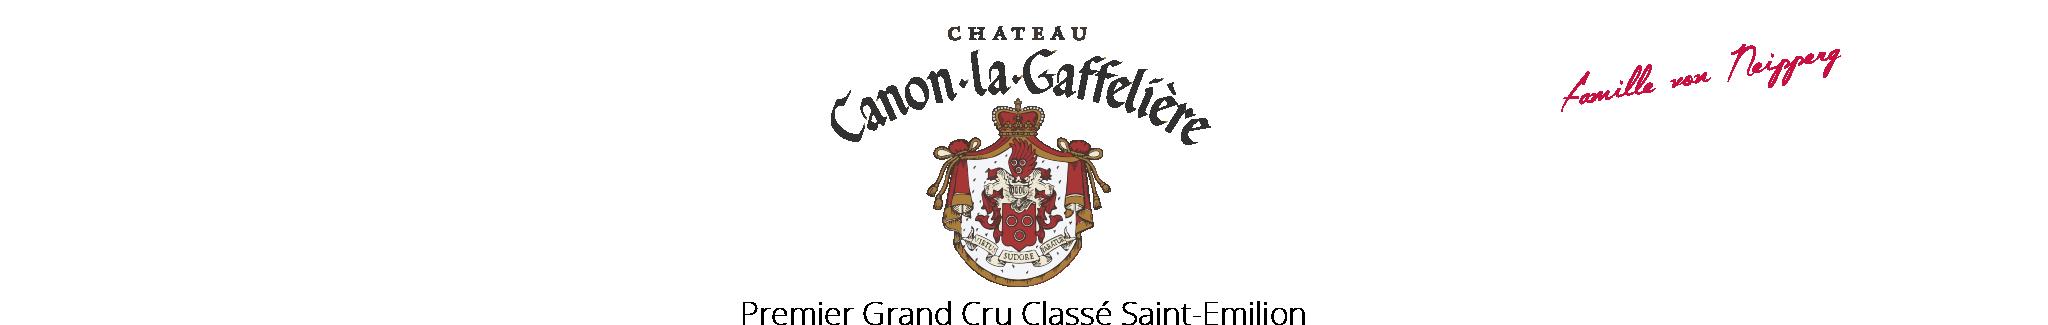 visuel Château Canon-La Gaffelière